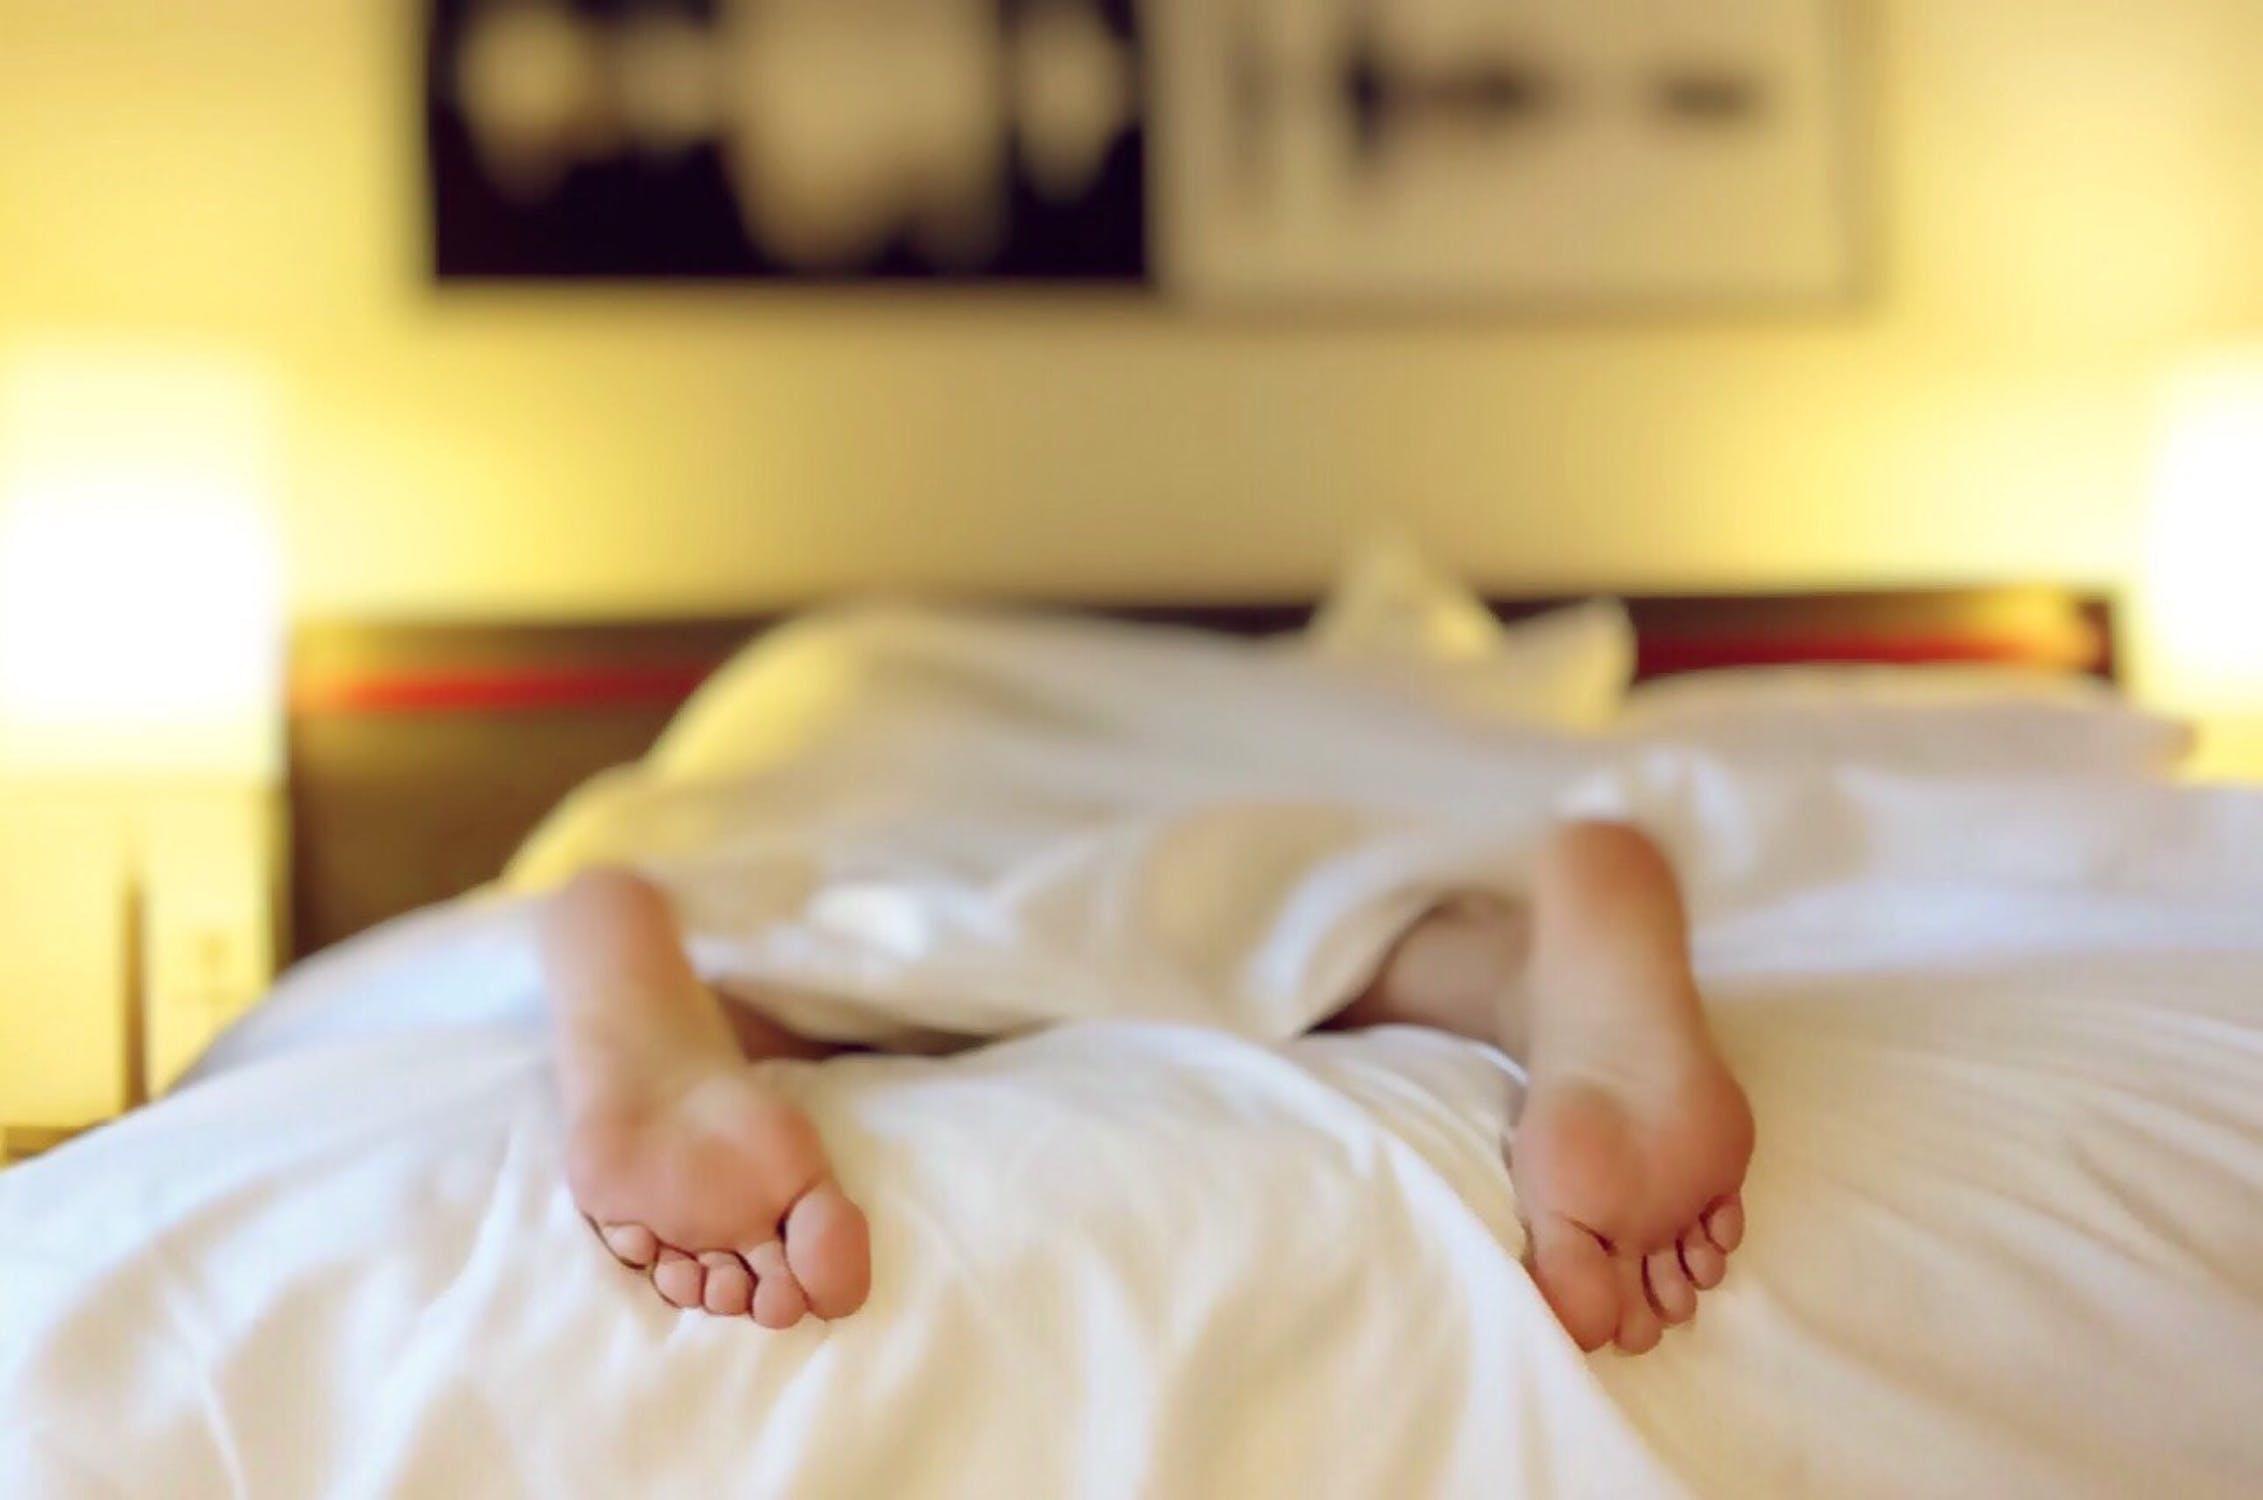 חדרים לפי שעה באזור הצפון – השימושים הנפוצים ביותר